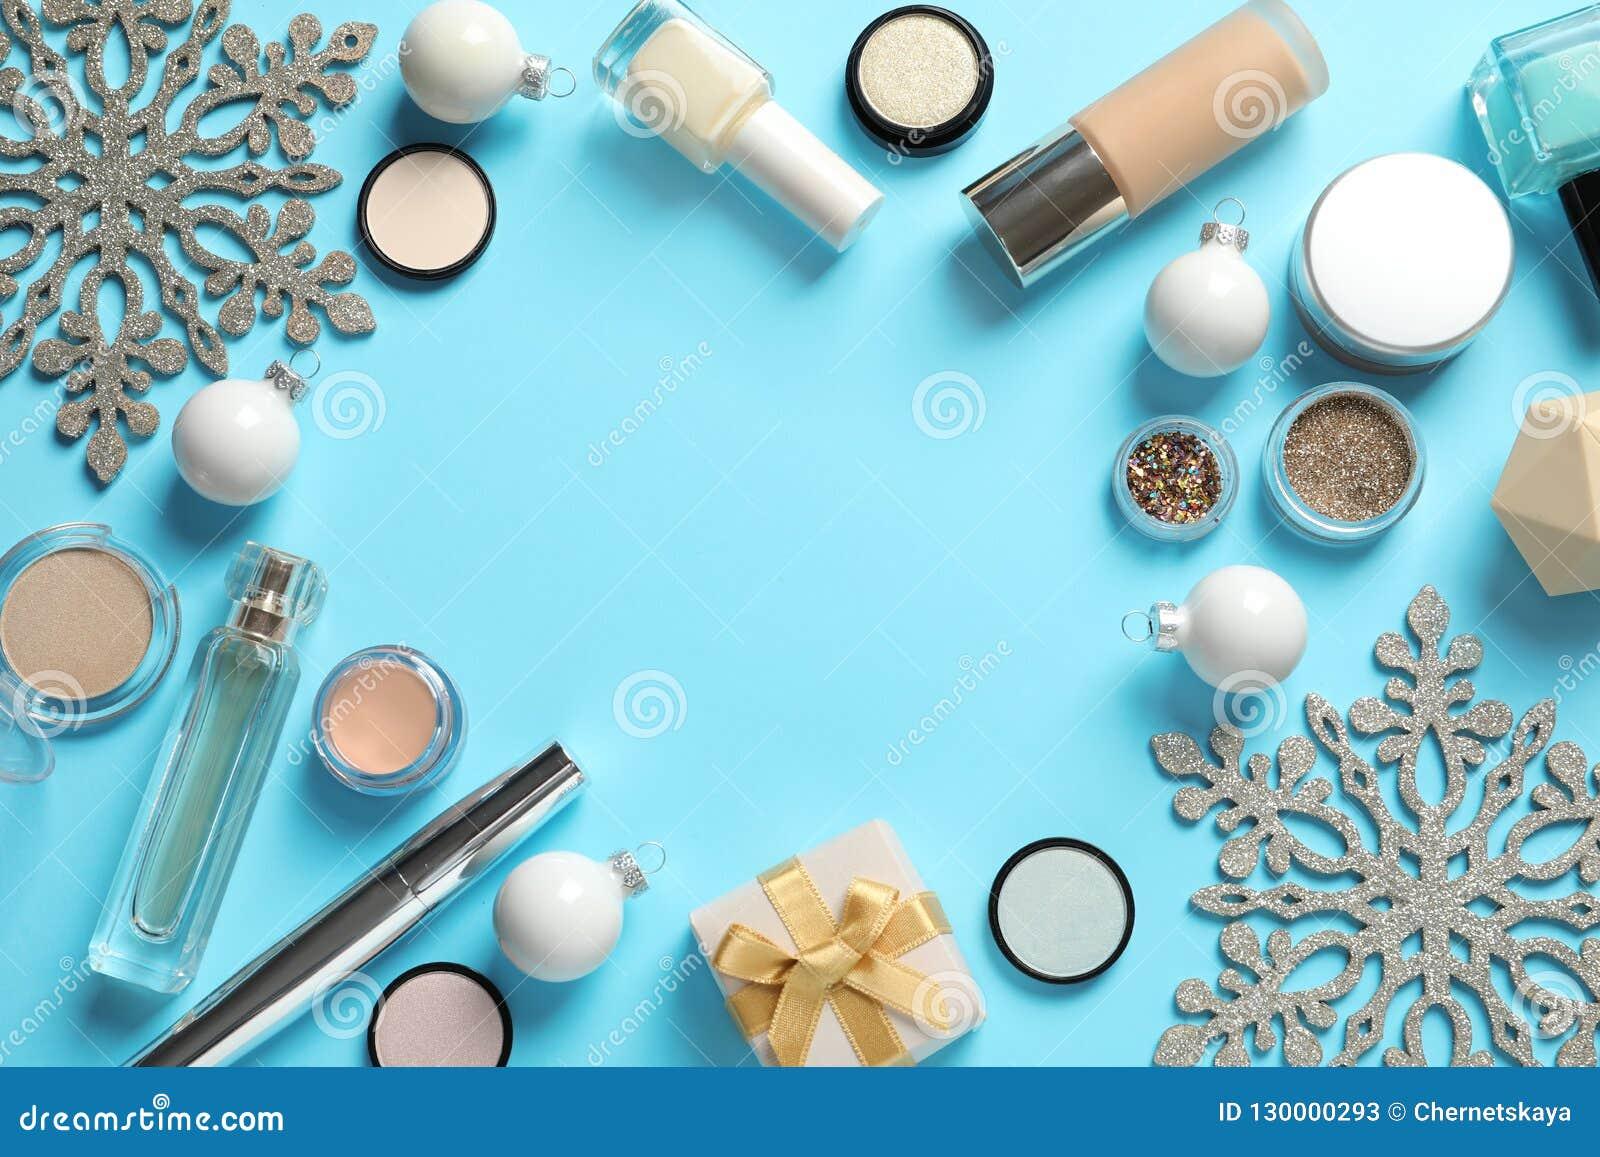 Επίπεδος βάλτε τη σύνθεση με τα προϊόντα makeup και το ντεκόρ Χριστουγέννων στο υπόβαθρο χρώματος